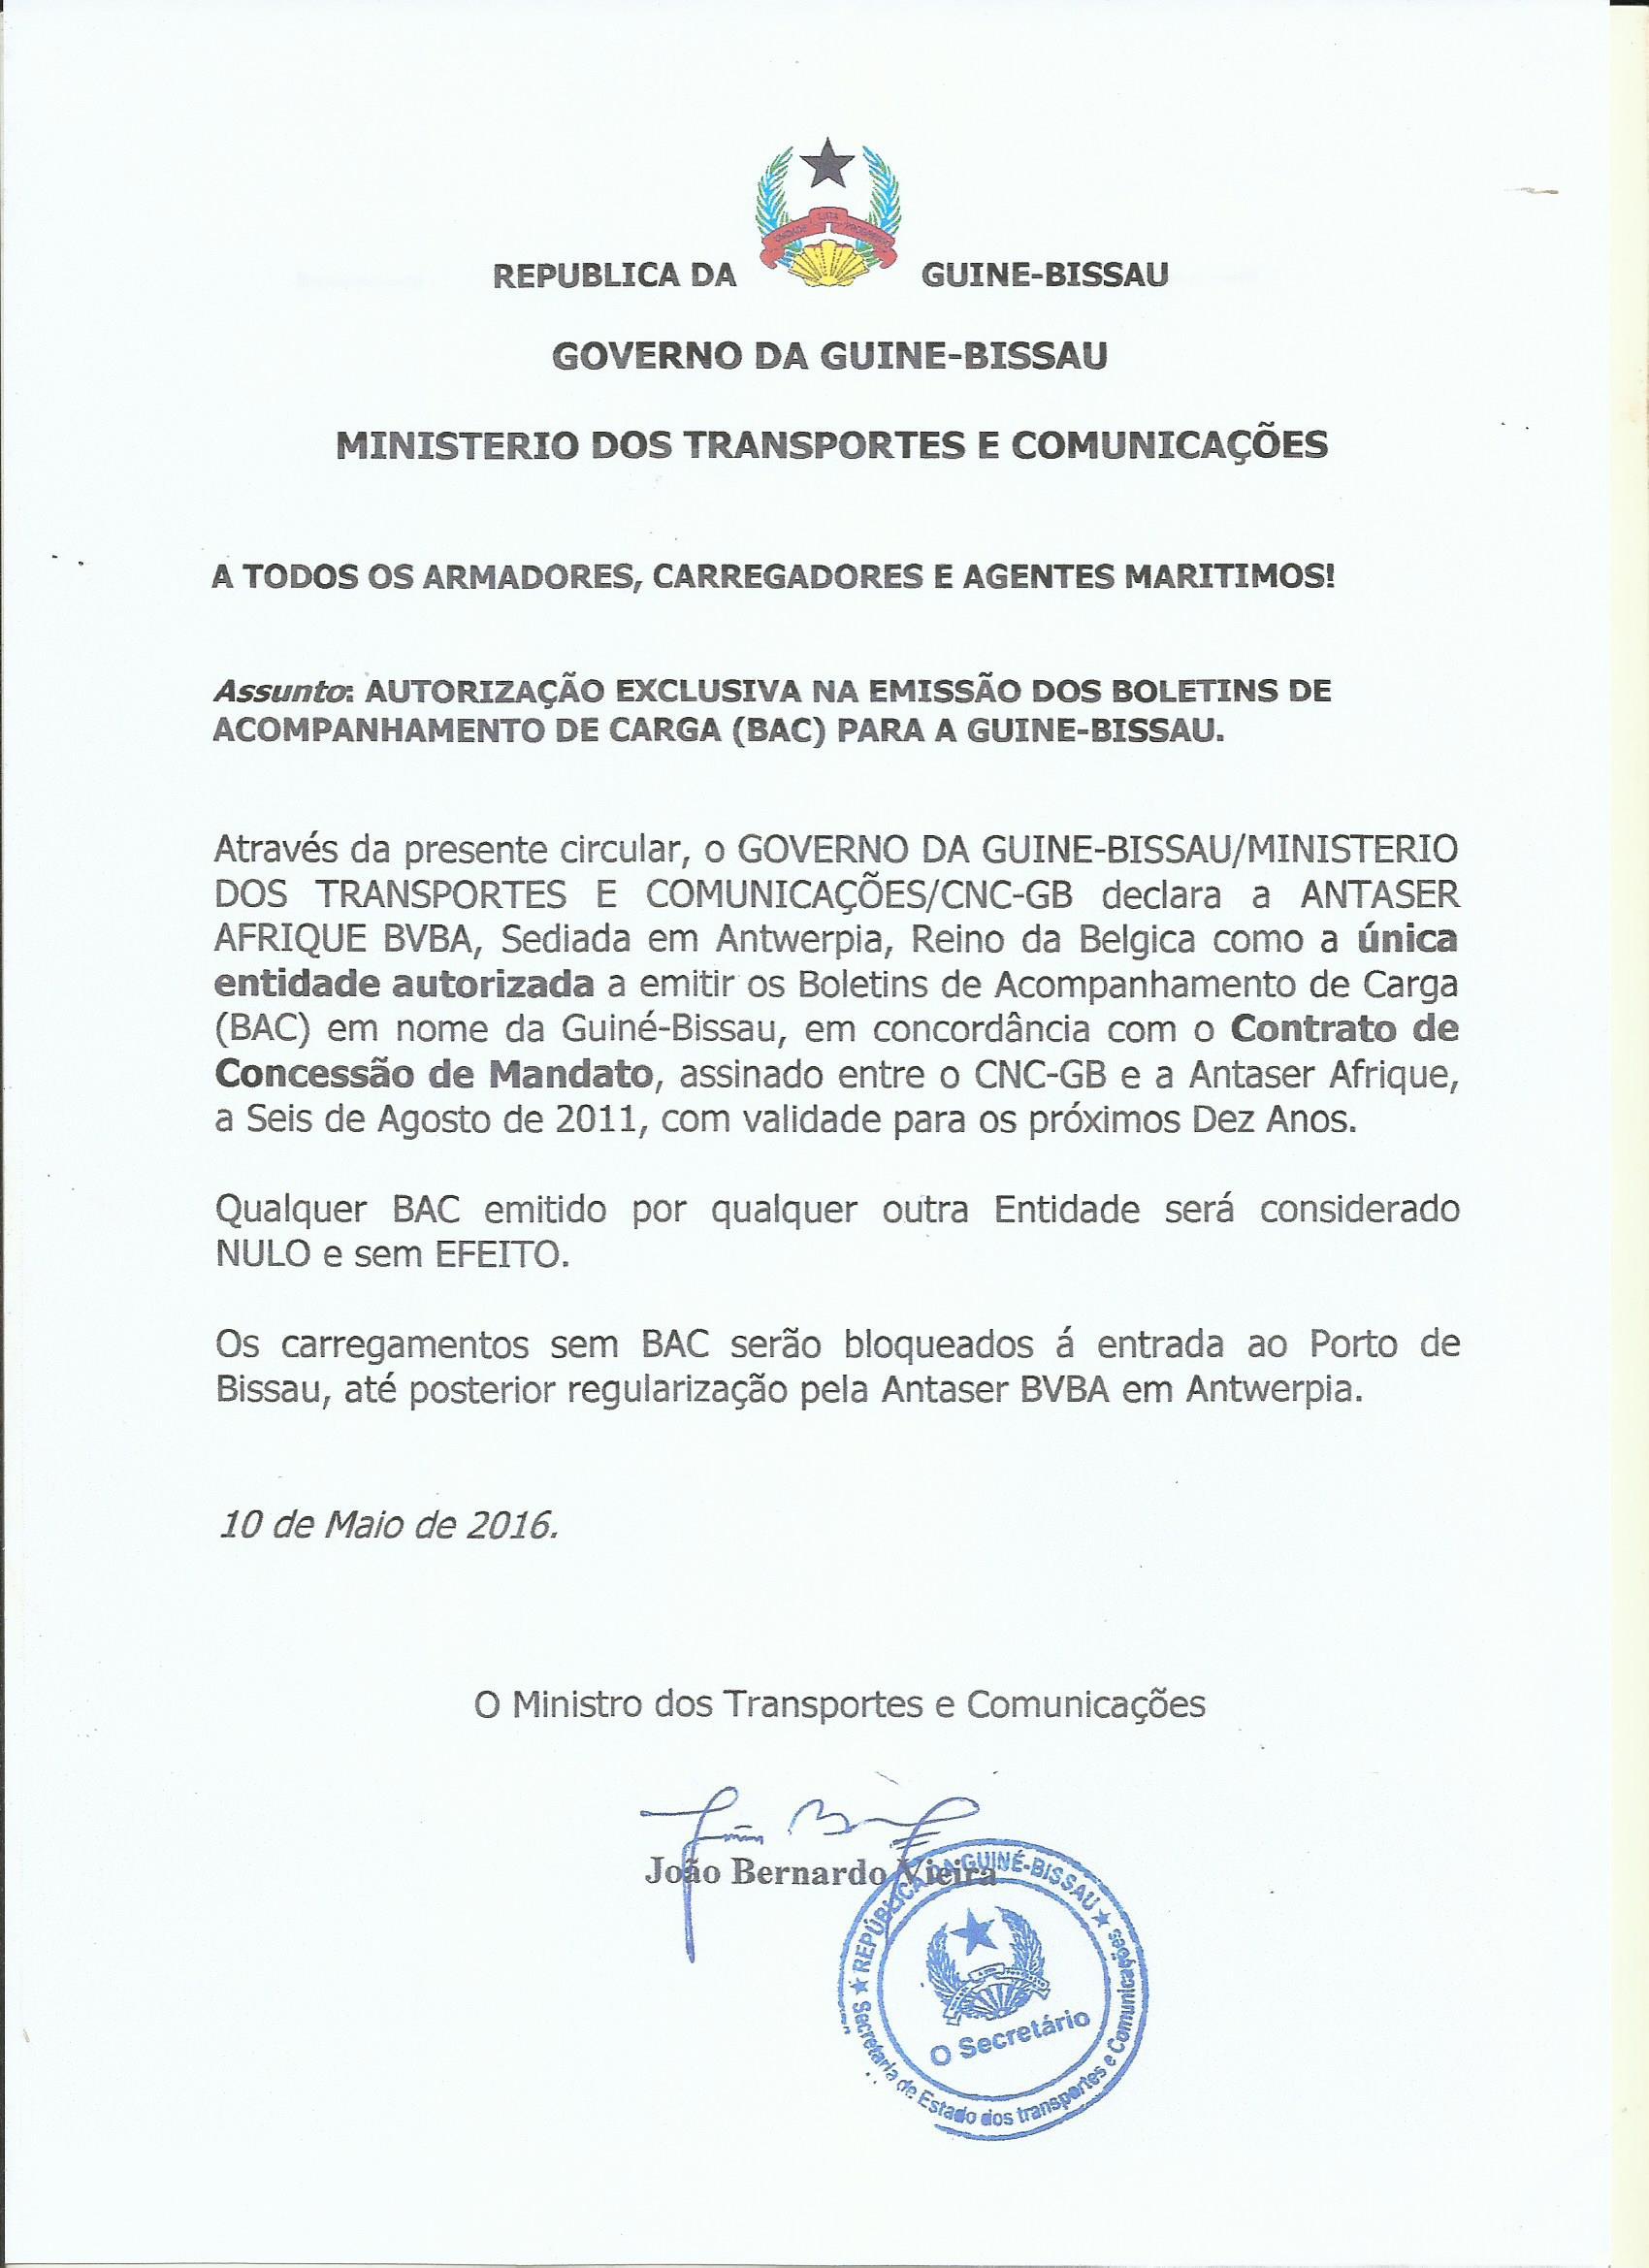 WT/TPR/S/362 • Guinea-Bissau - 284 - ANEXO 4 - GUINEA-BISSAU